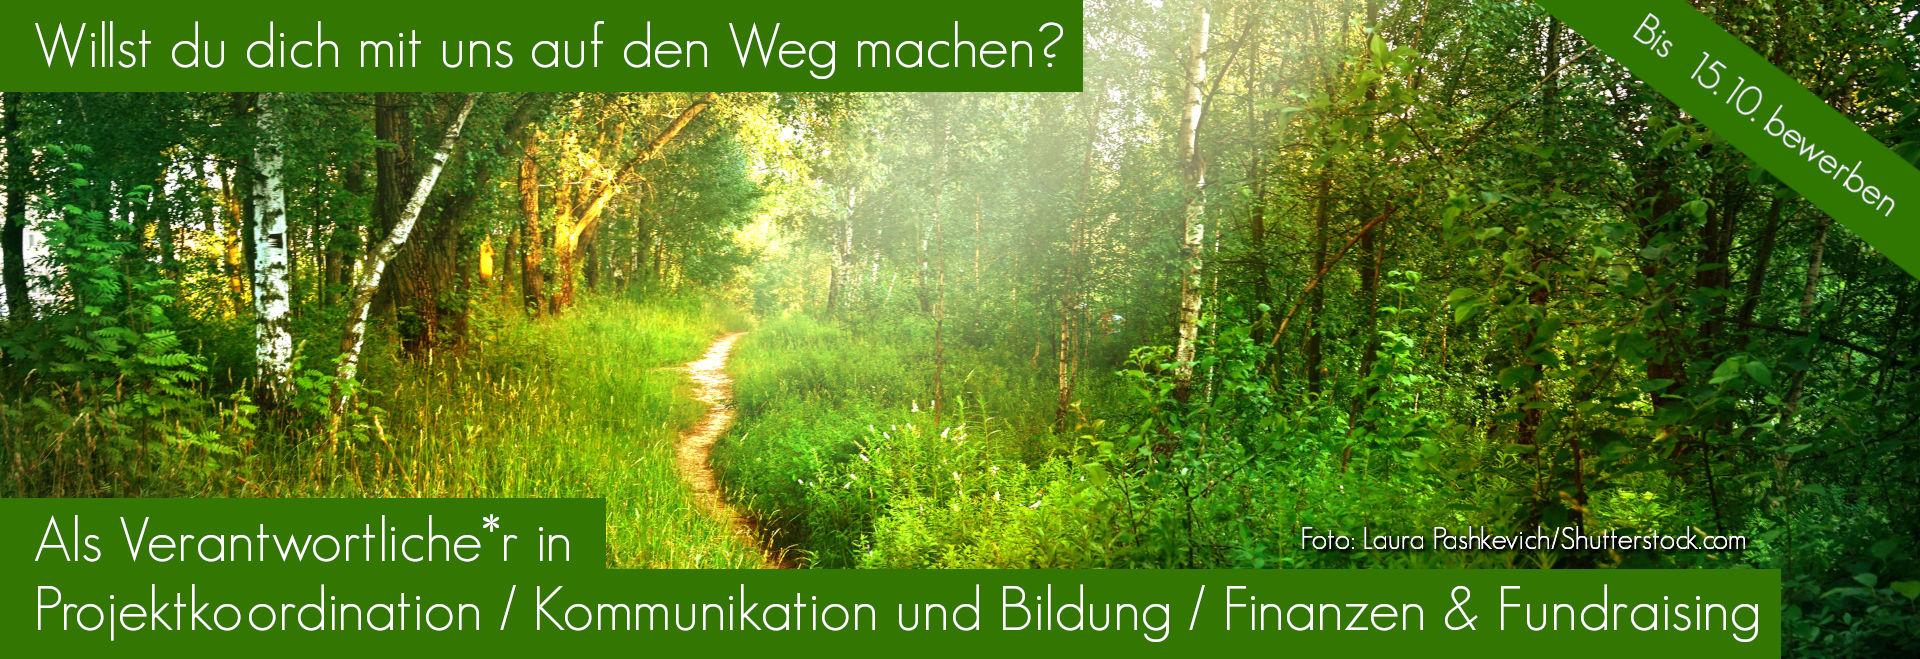 Sonniger Weg in Mischwald- Willst du dich mit uns auf den Weg machen-als Verantwortlicher in Projektkoordination+Kommunikation+Finanzen, Foto-Laura Pashkevich-Shutterstock